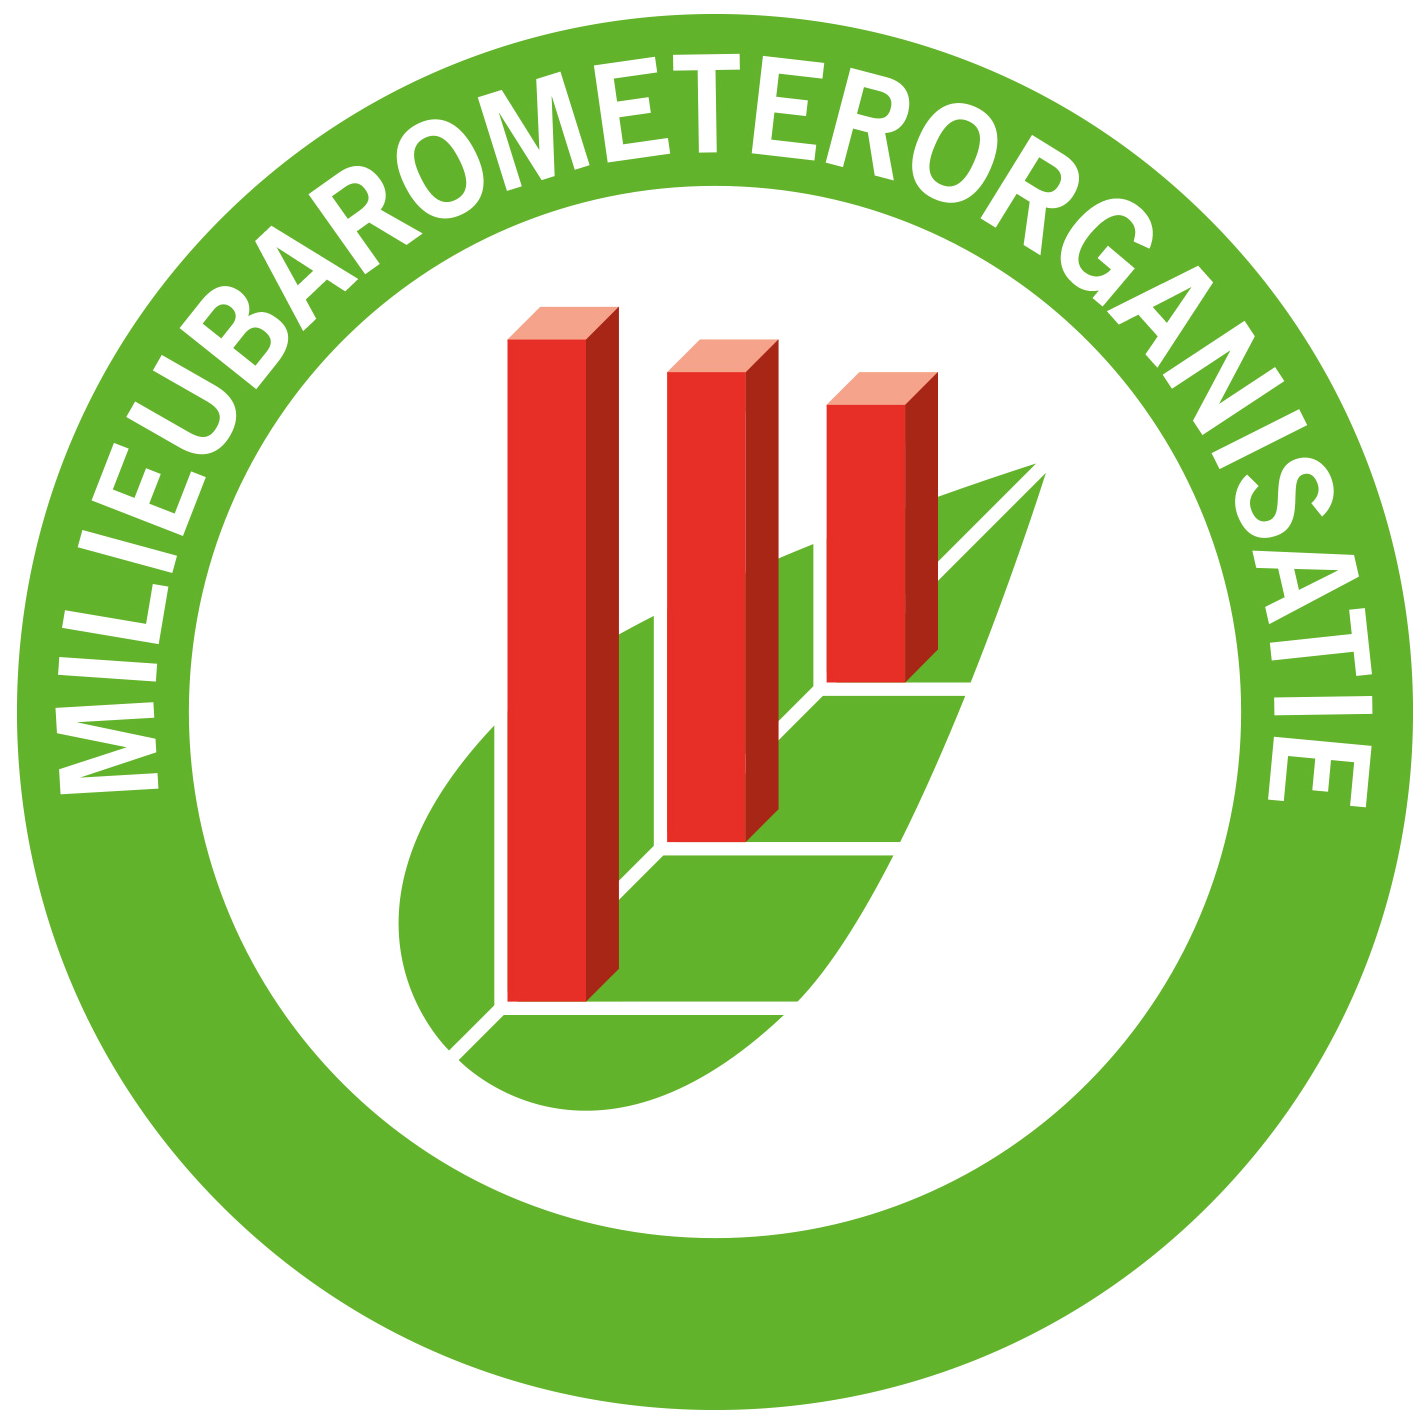 Milieubarometerorganisatie